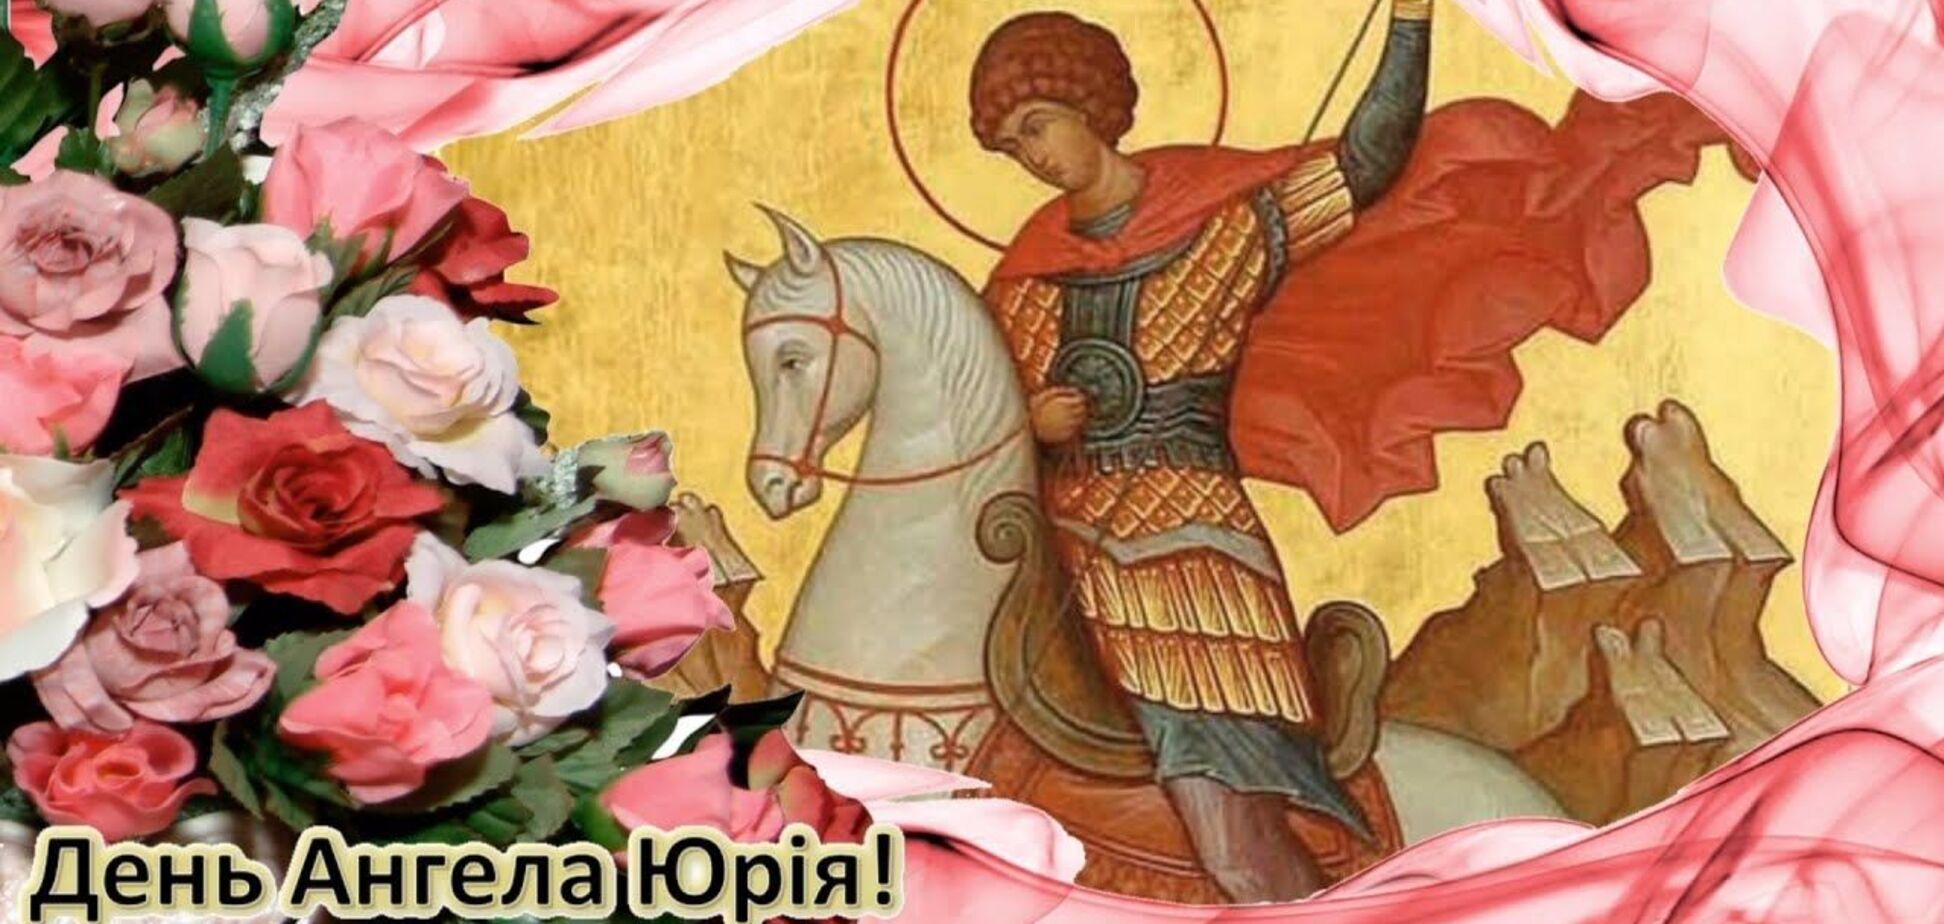 6 мая чтят великомученика Георгия Победоносца